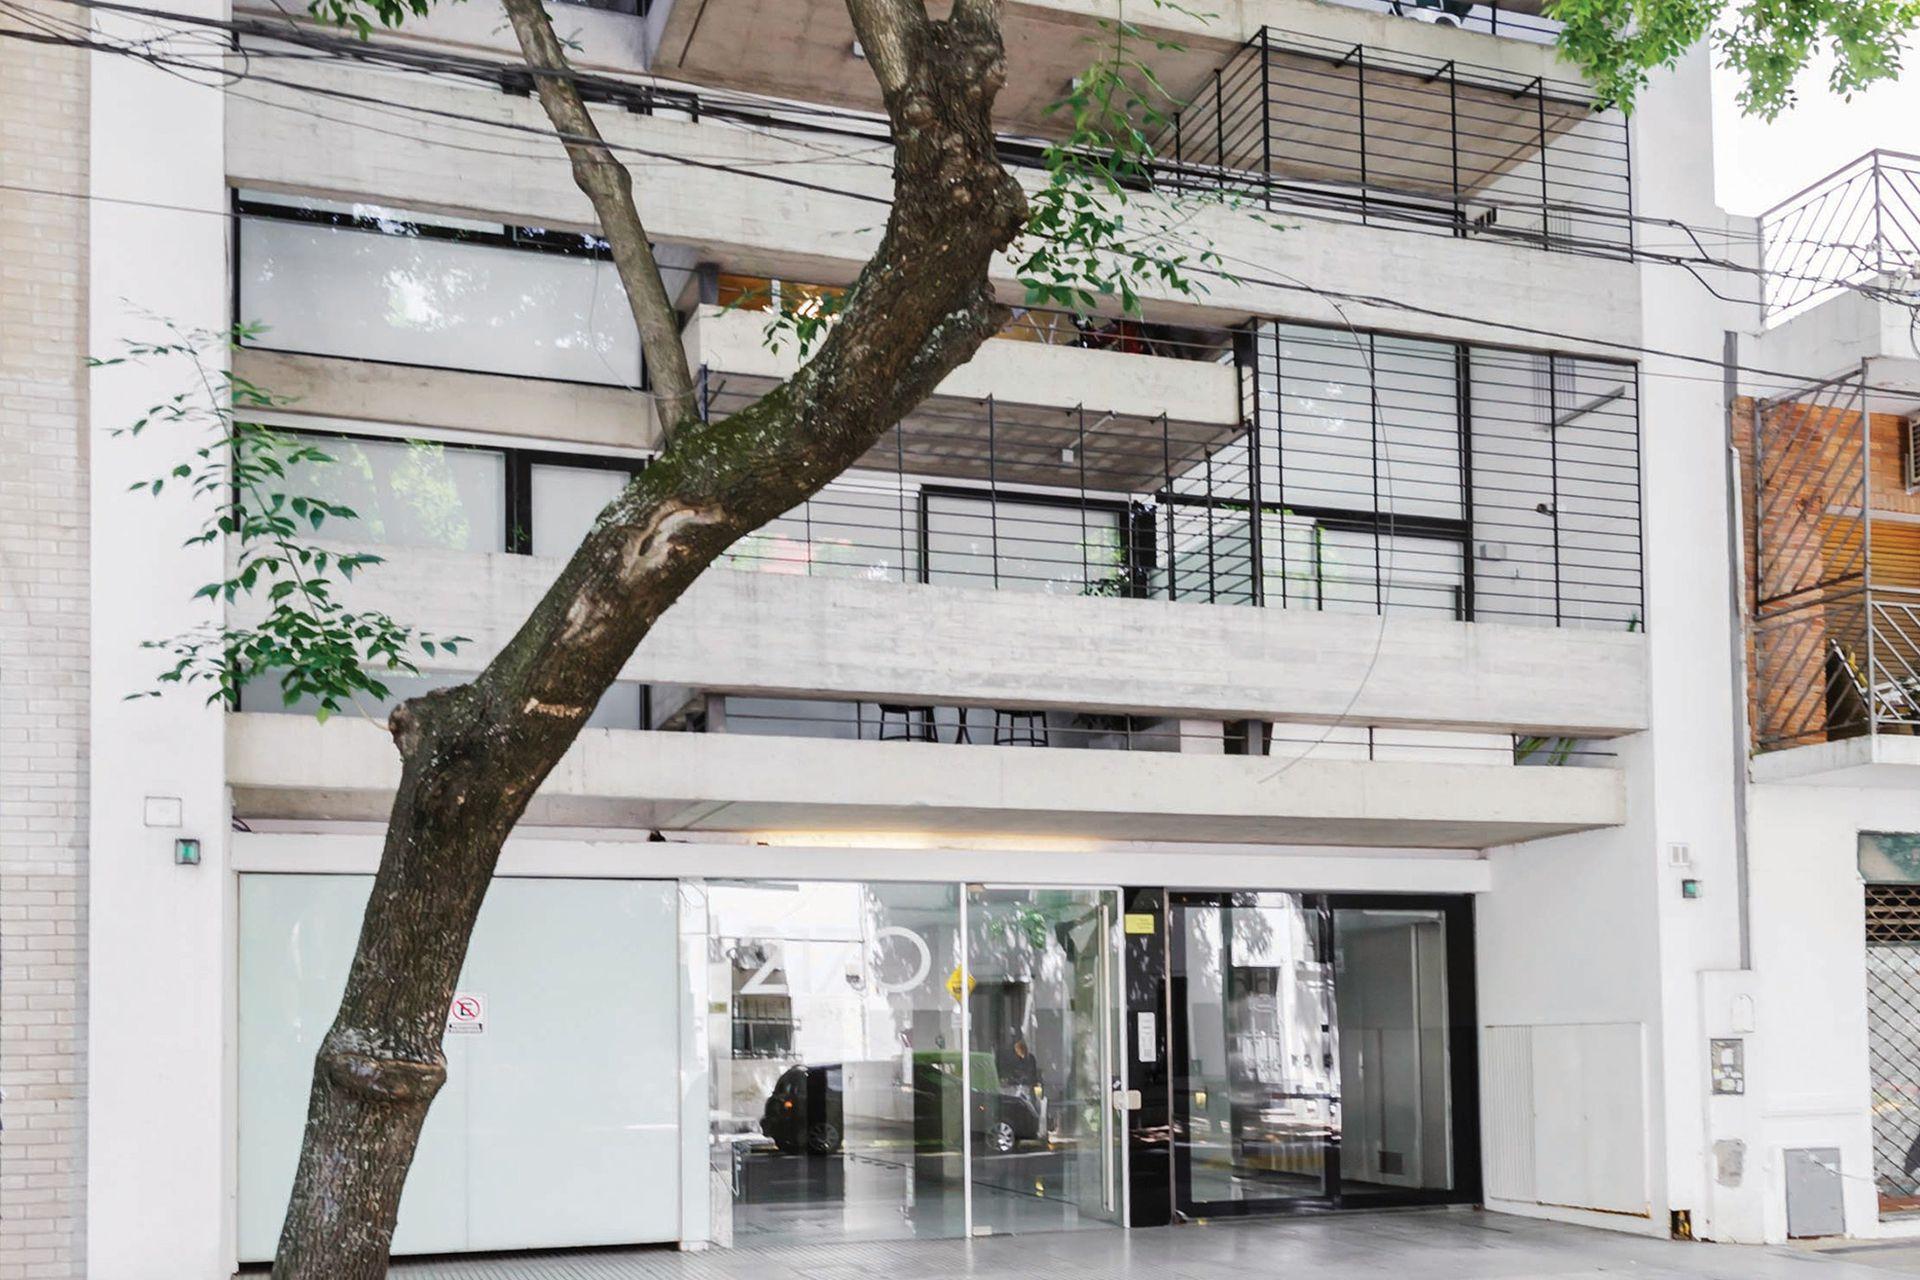 En seis pisos hay departamentos de dos ambientes en una planta y en dúplex; pero todos aprovechan el ancho del terreno y generan expansiones y alturas dobles que dejan a la vista los materiales estructurales en su estado más puro.